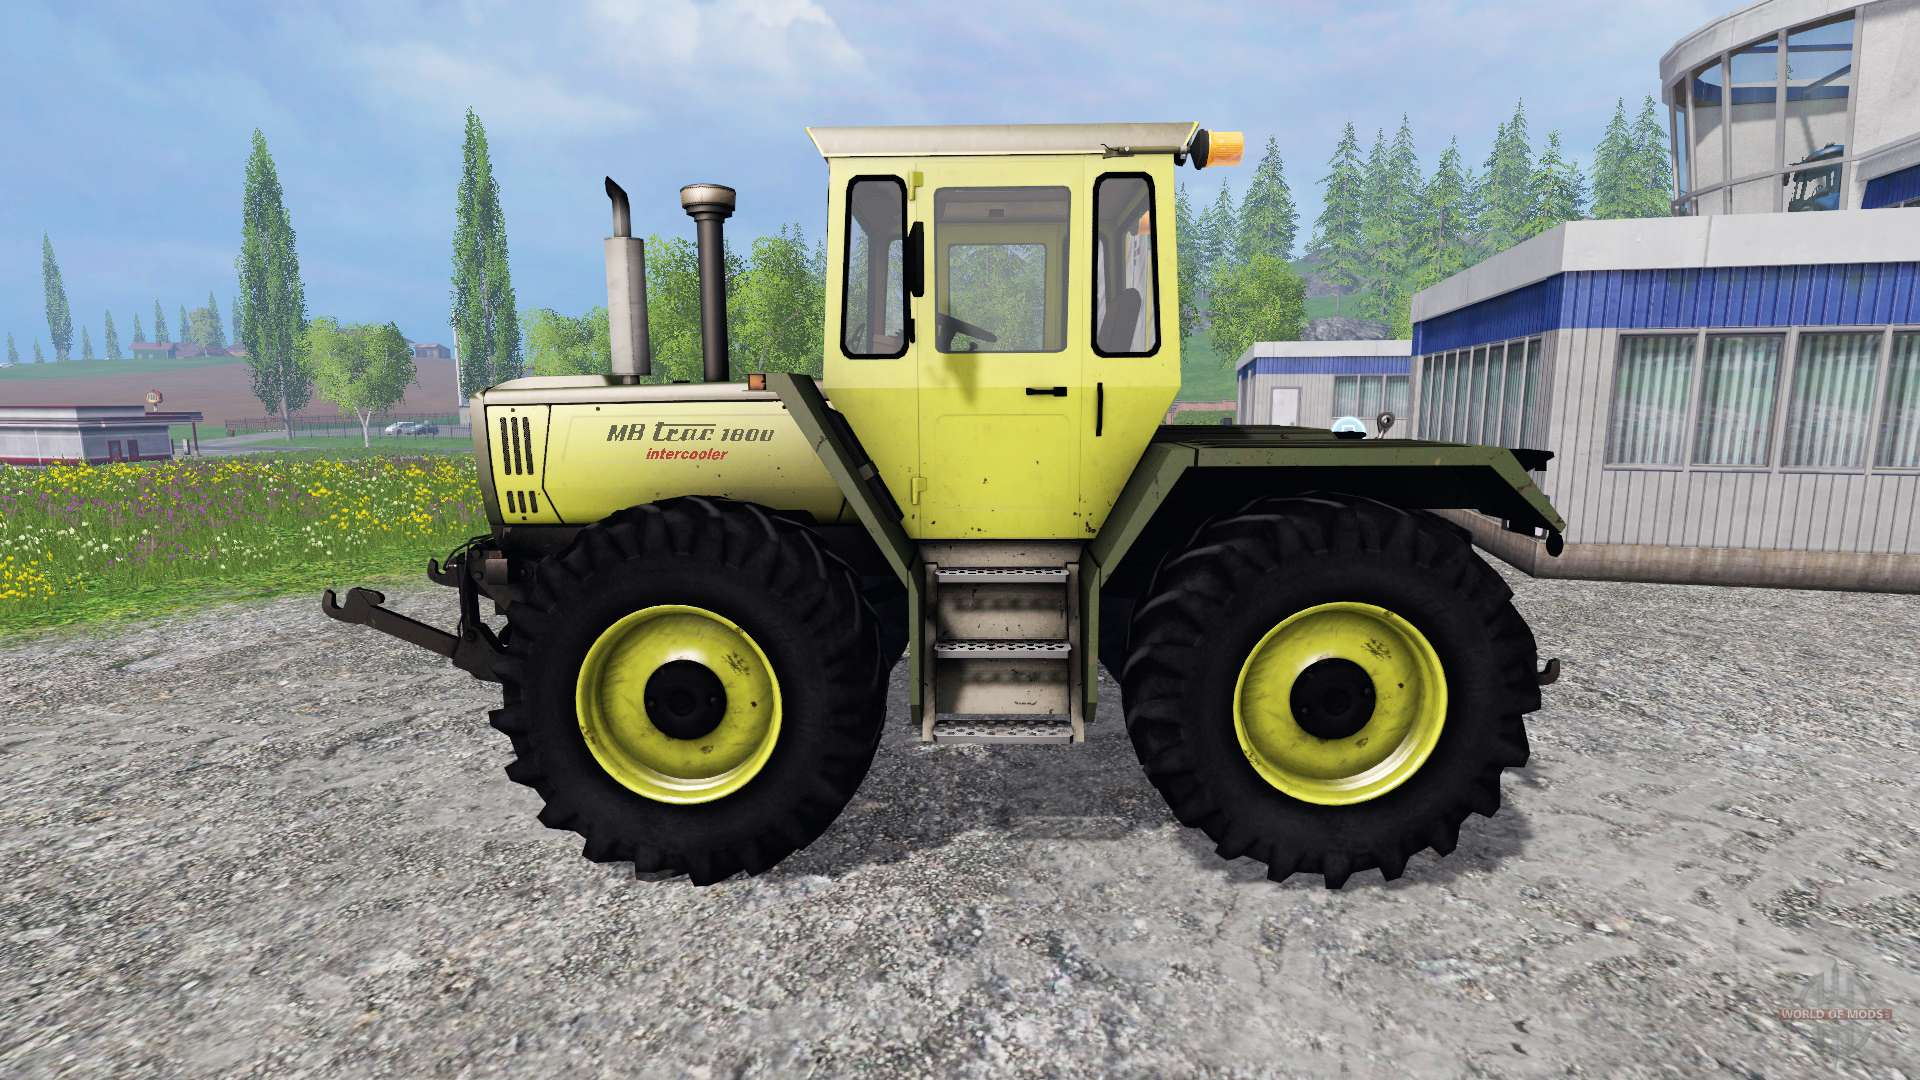 mercedes benz trac 1800 intercooler loader f r farming. Black Bedroom Furniture Sets. Home Design Ideas